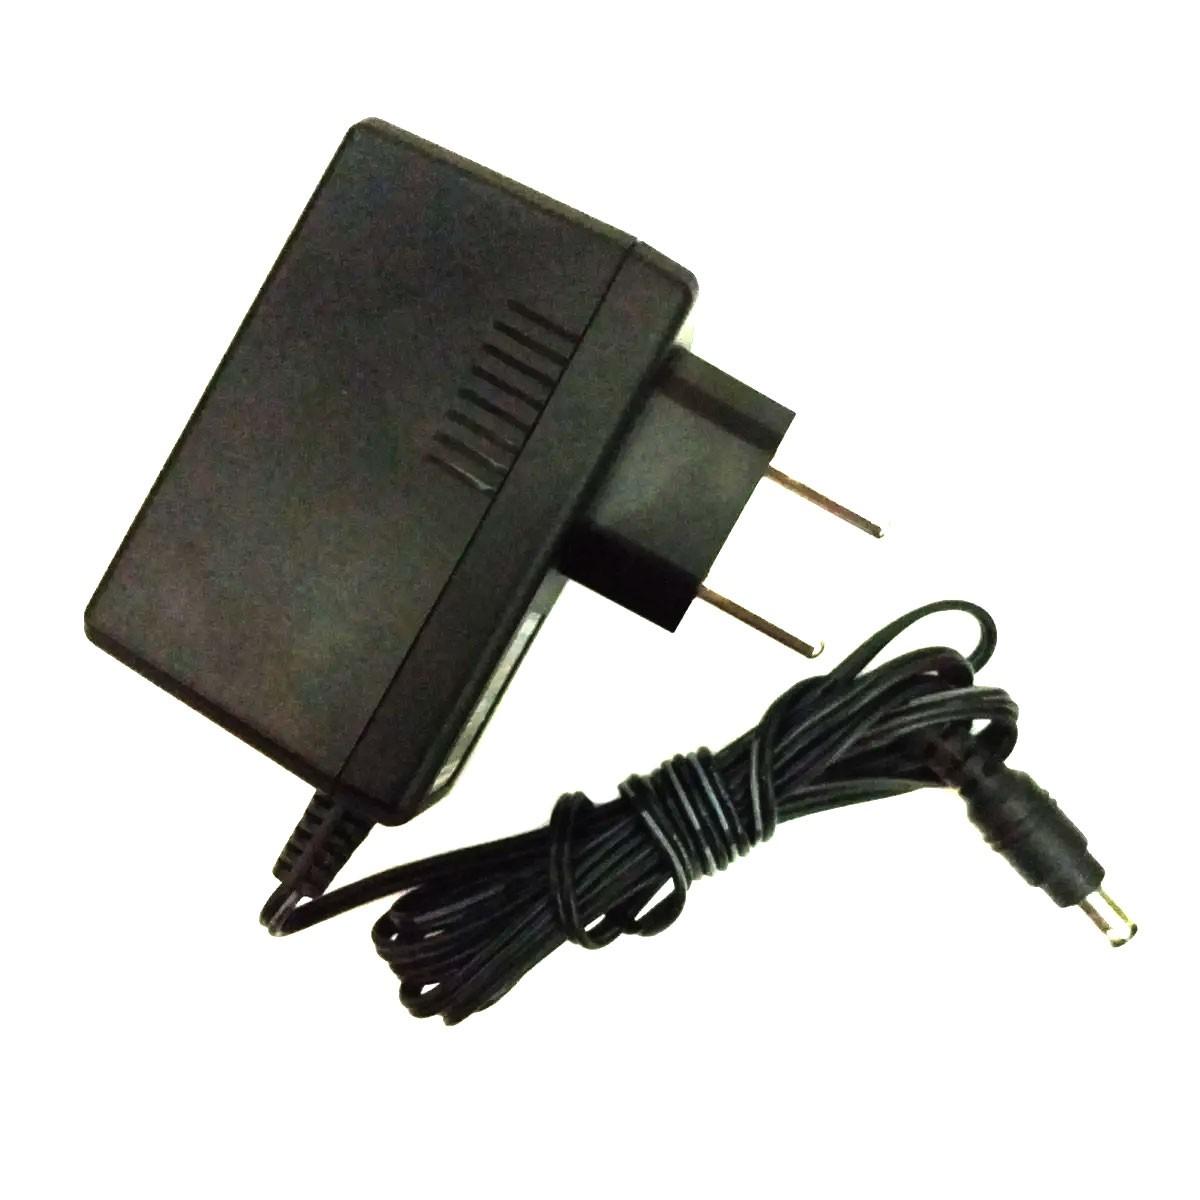 Fonte DC Chaveada 12v 2A Plug P4 Bivolt